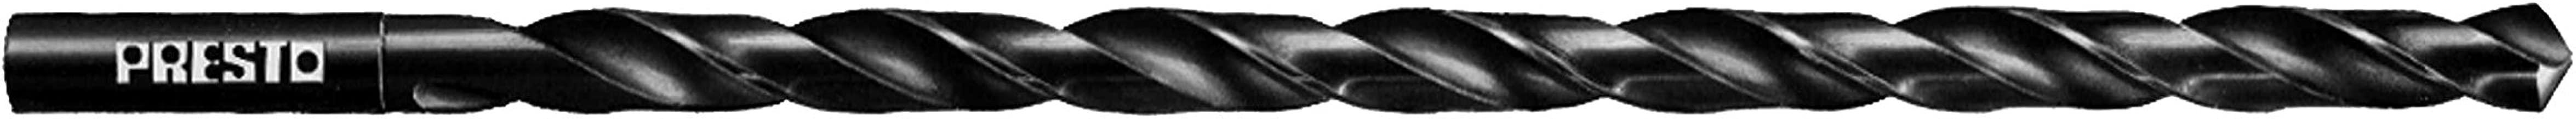 Werksnorm rechtsschneidend geschliffene Industriequalit/ät Hi-NOX/®-Industrie Spiralbohrer PRESTO HSSG /Ø 7,8 mm 4x/Ø